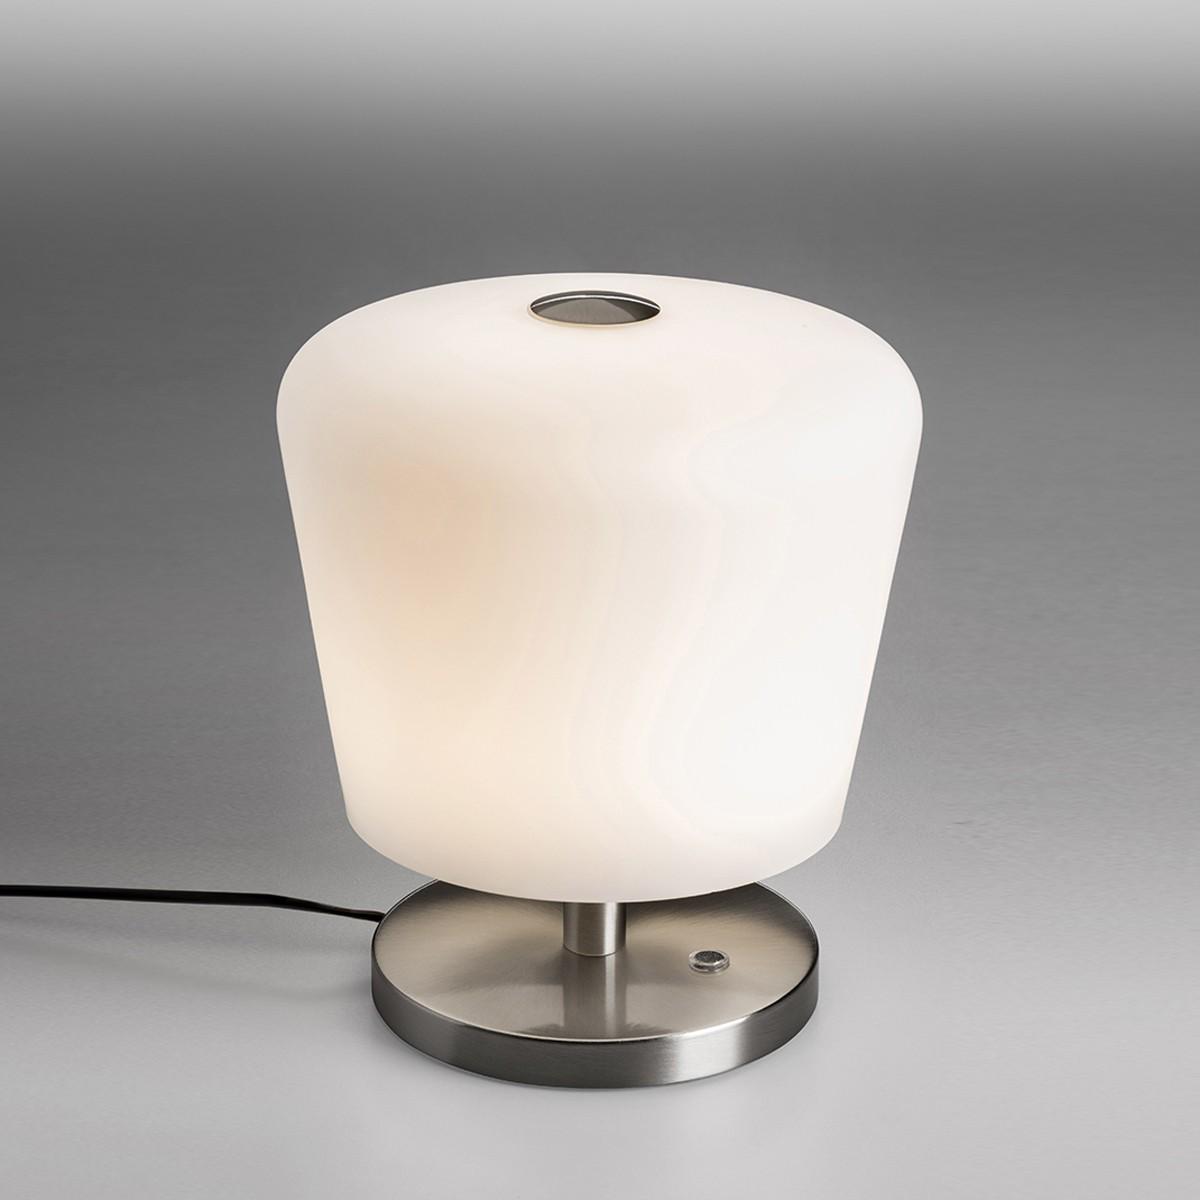 Lupia Licht Touch Tischleuchte, Höhe: 28 cm, Nickel matt